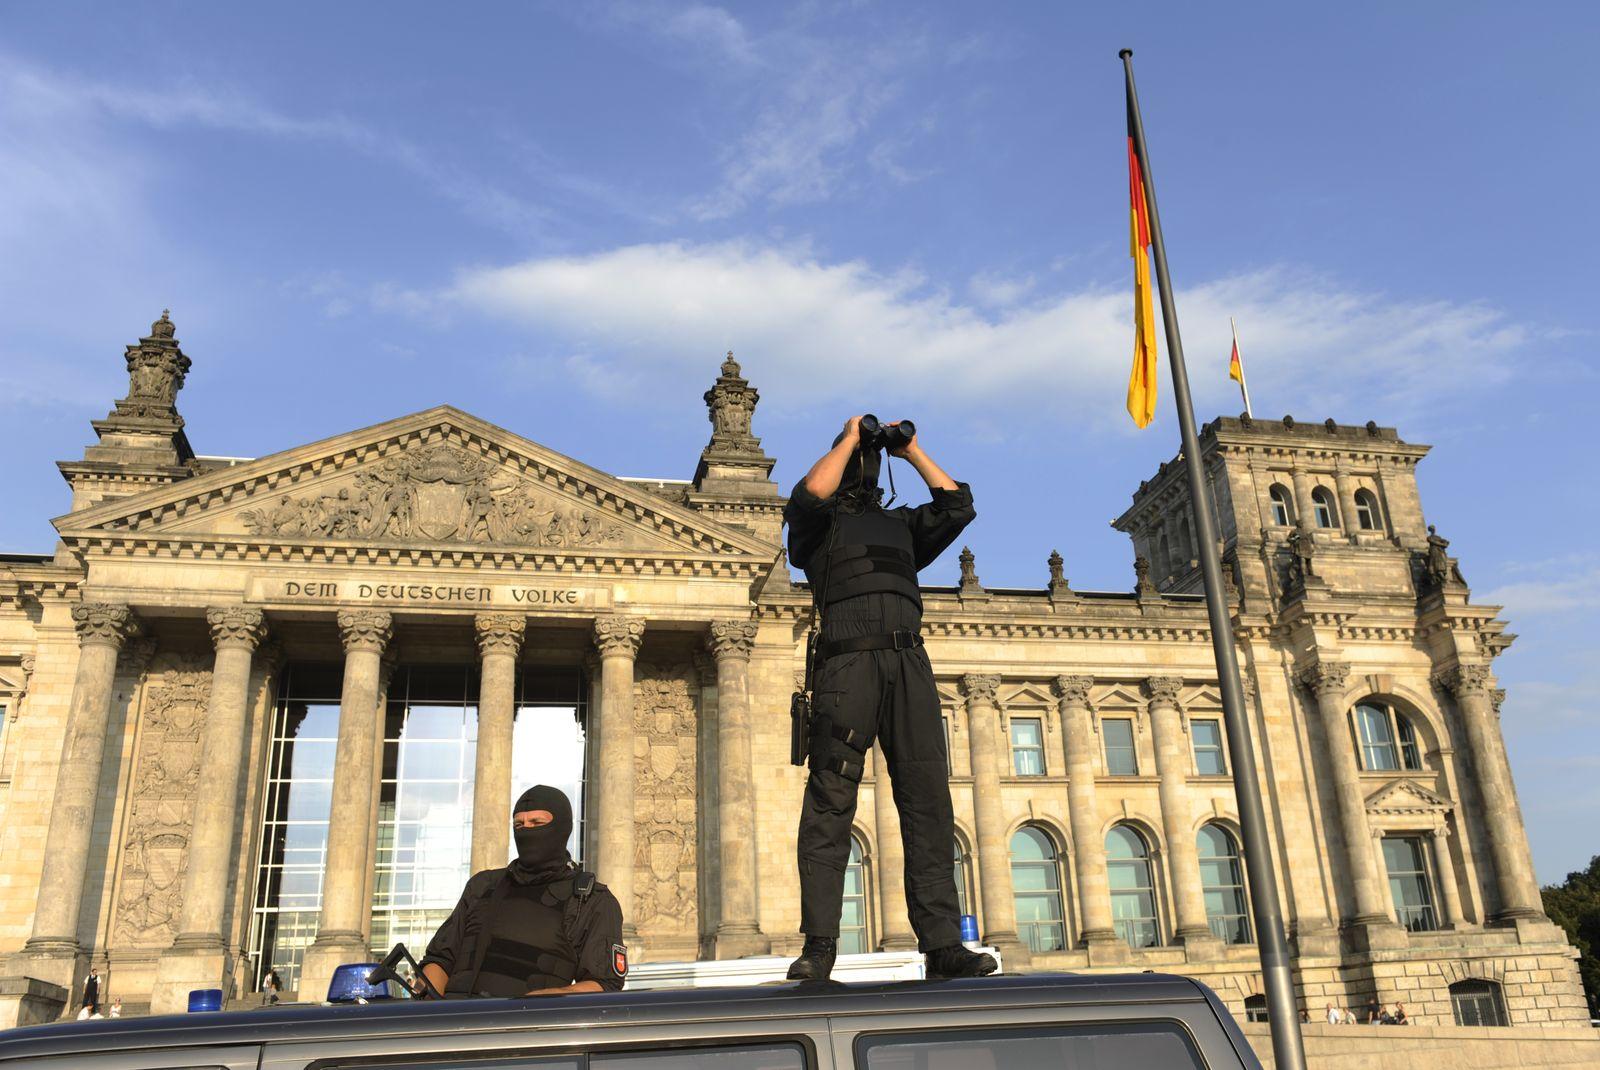 Reichstag / Polizei